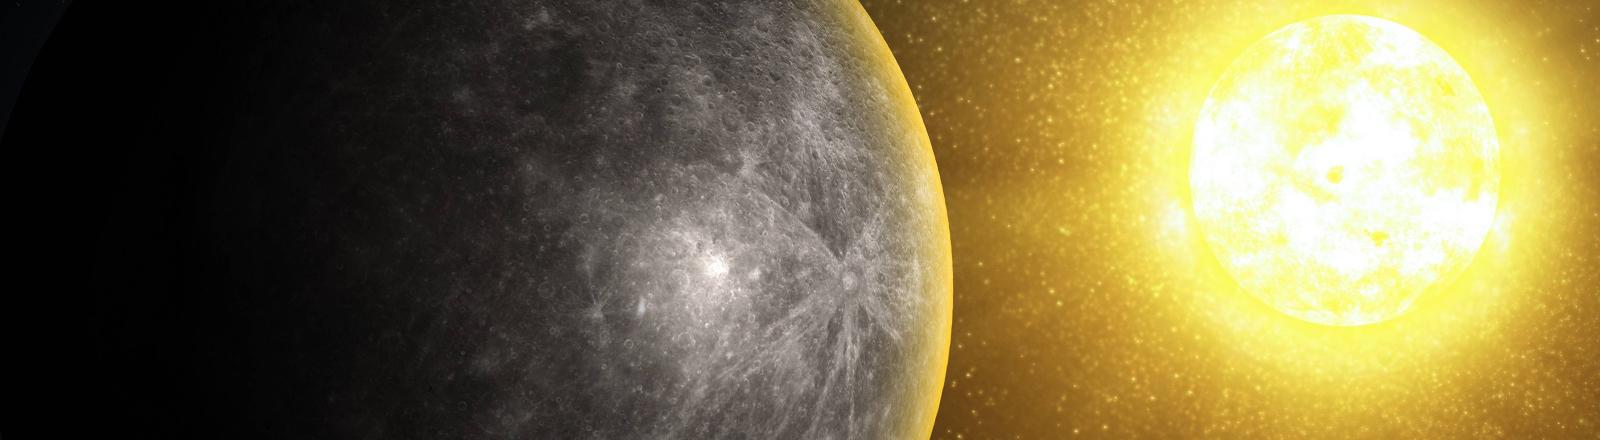 Eine Grafik vom Merkur vor der Sonne.